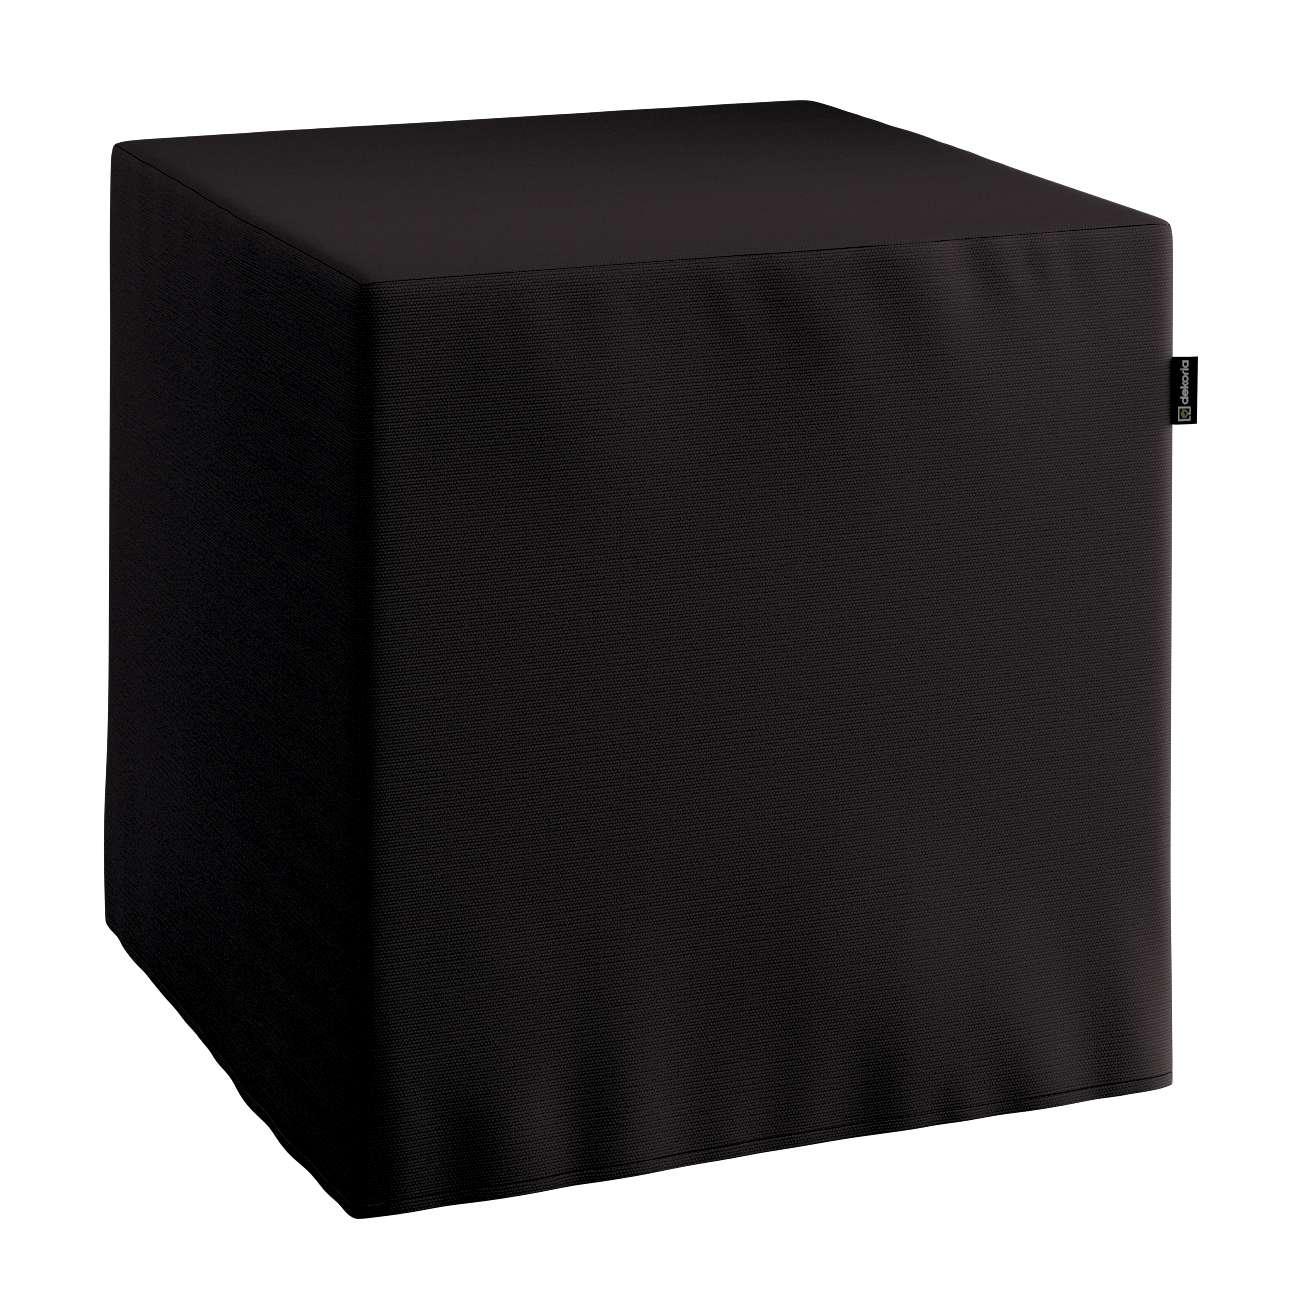 Bezug für Sitzwürfel Bezug für Sitzwürfel 40x40x40 cm von der Kollektion Cotton Panama, Stoff: 702-09